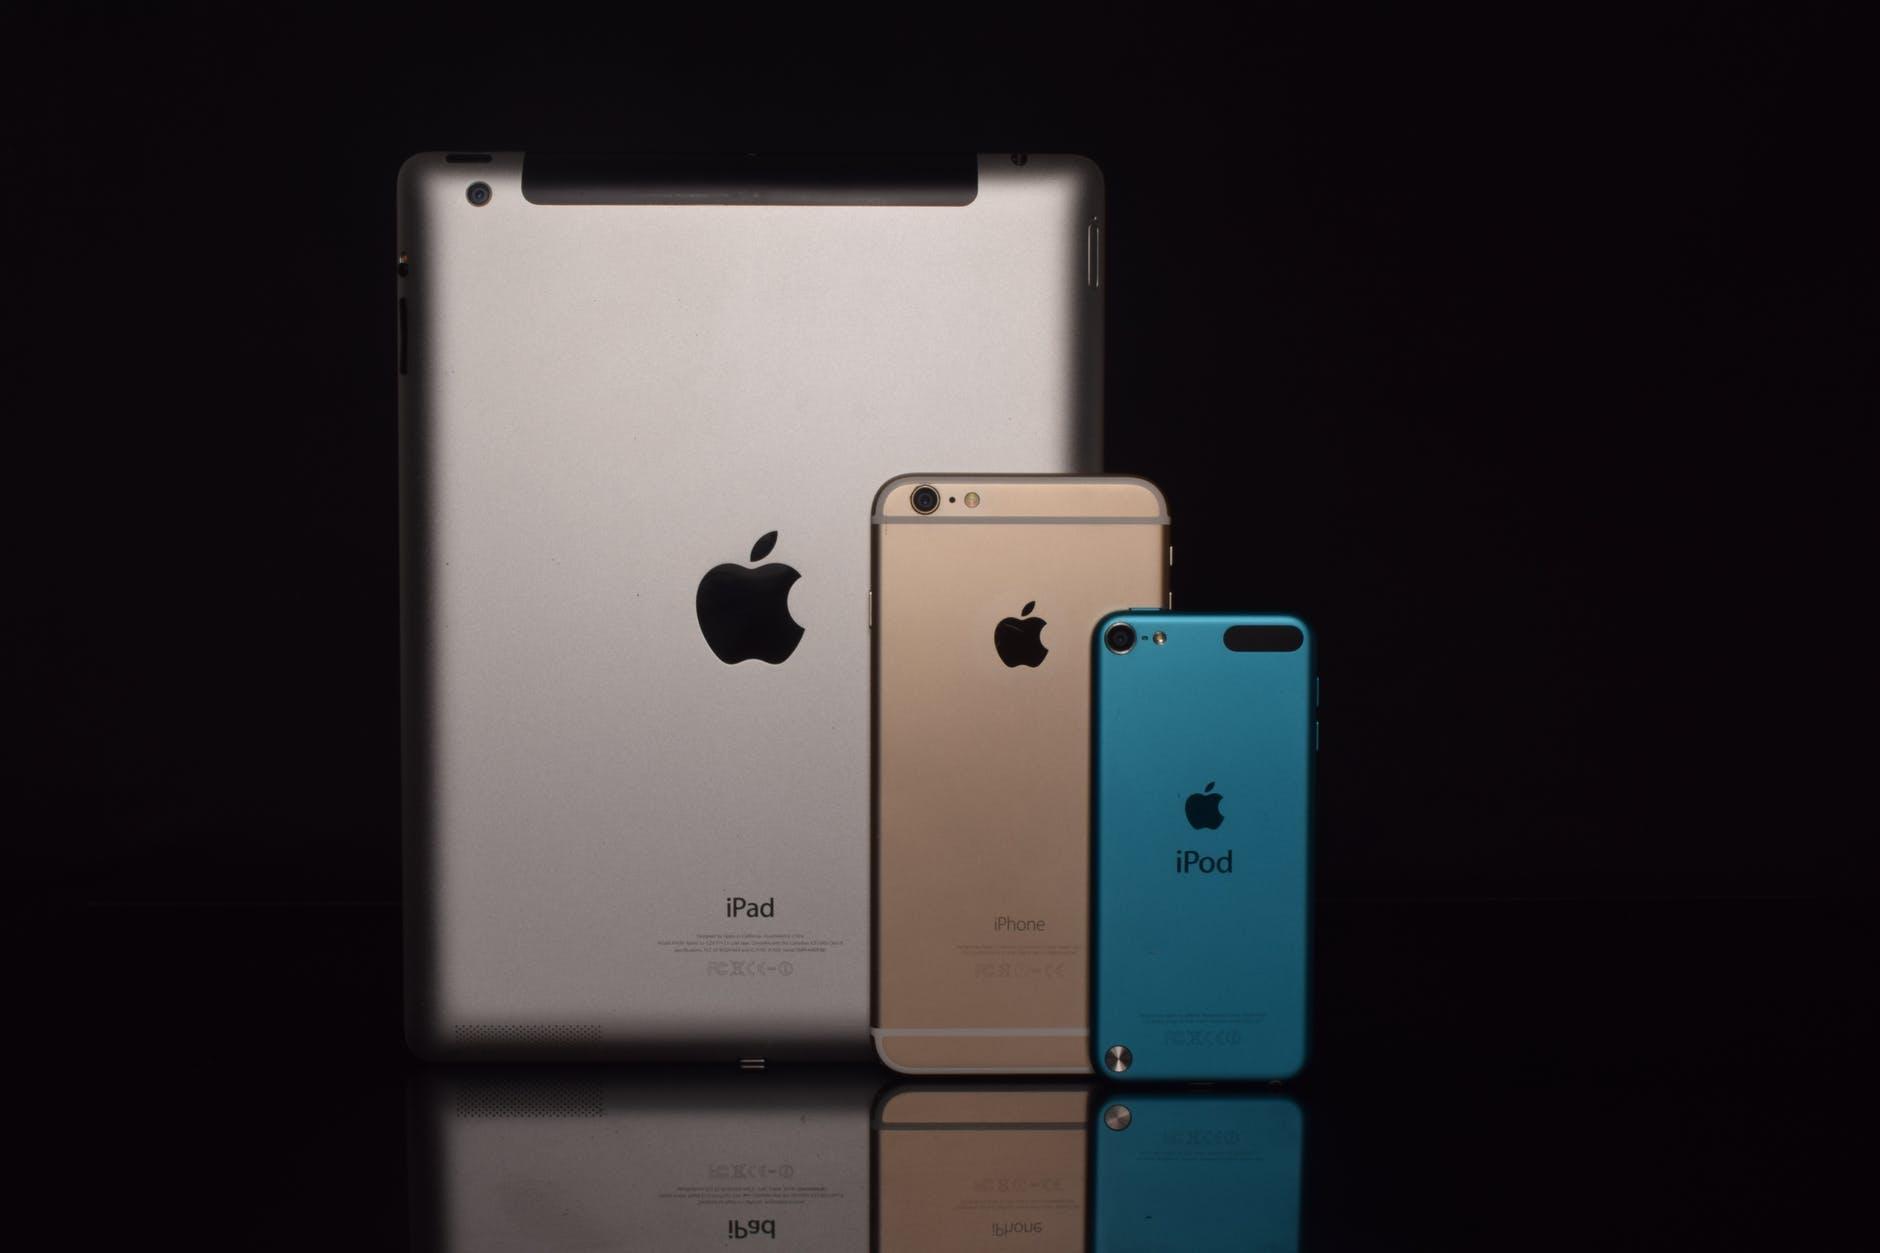 Презентация Apple iPhoneSE 2 может состояться кконцу весны текущего года